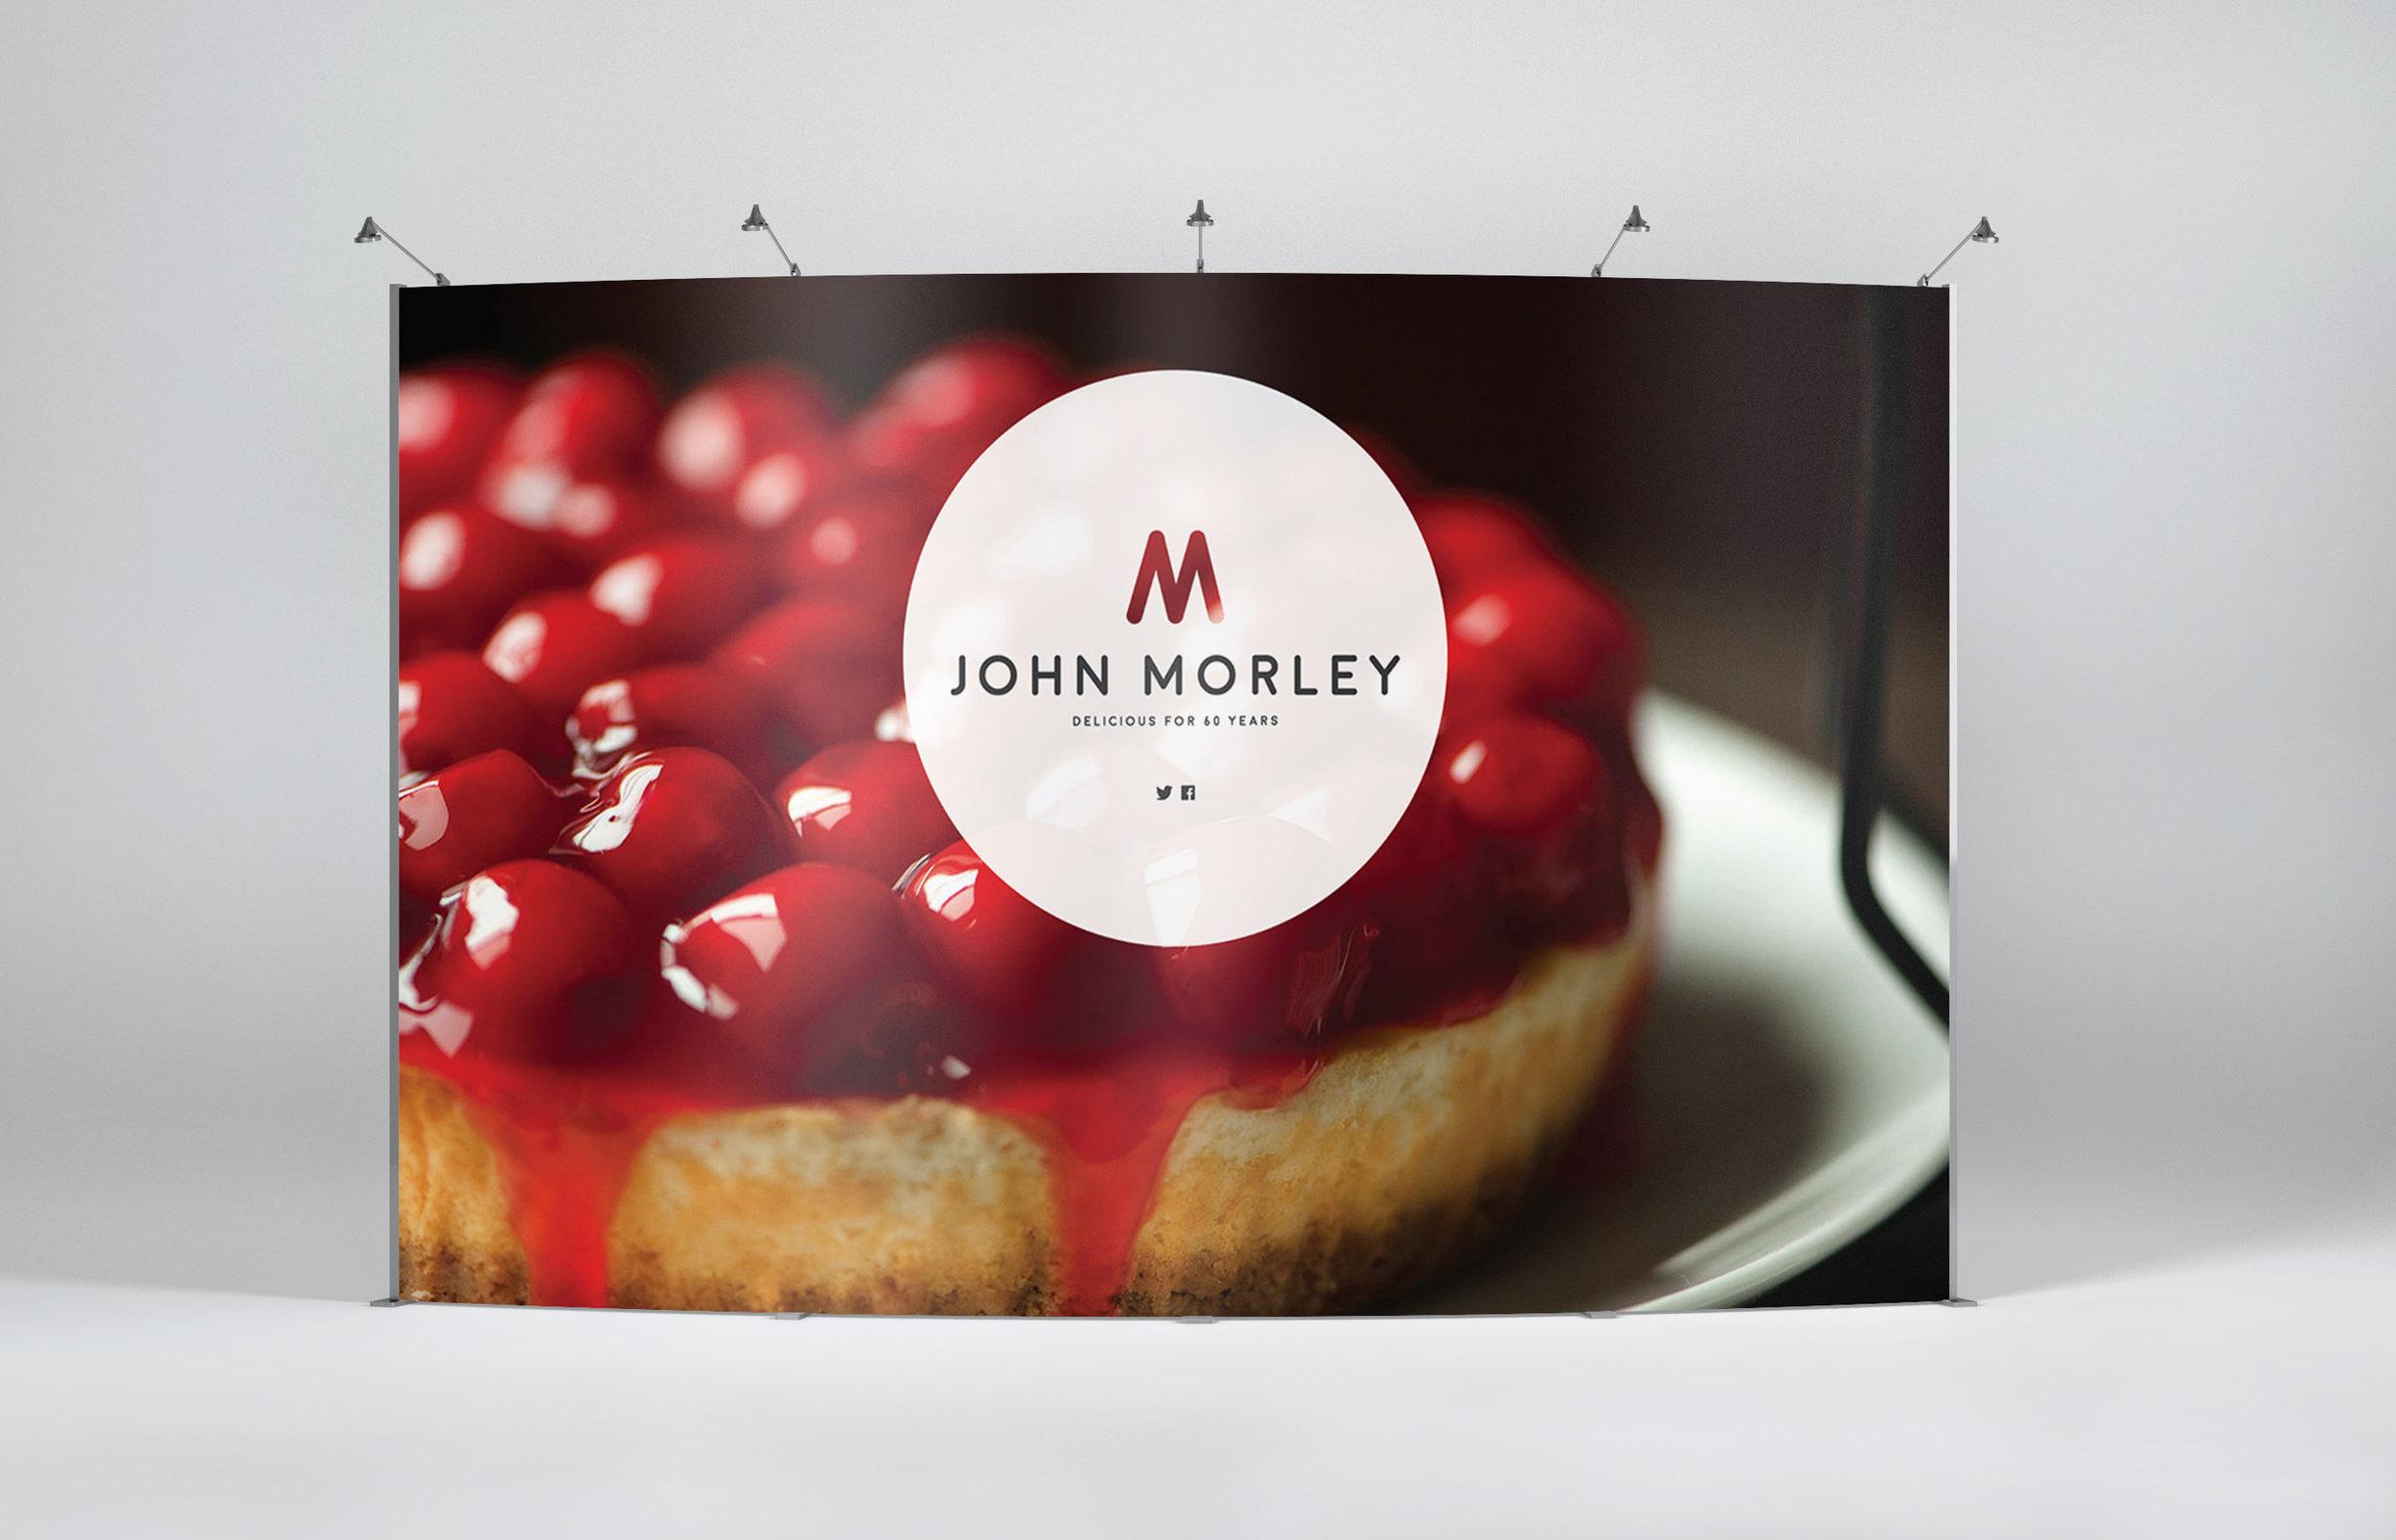 John Morley Importers